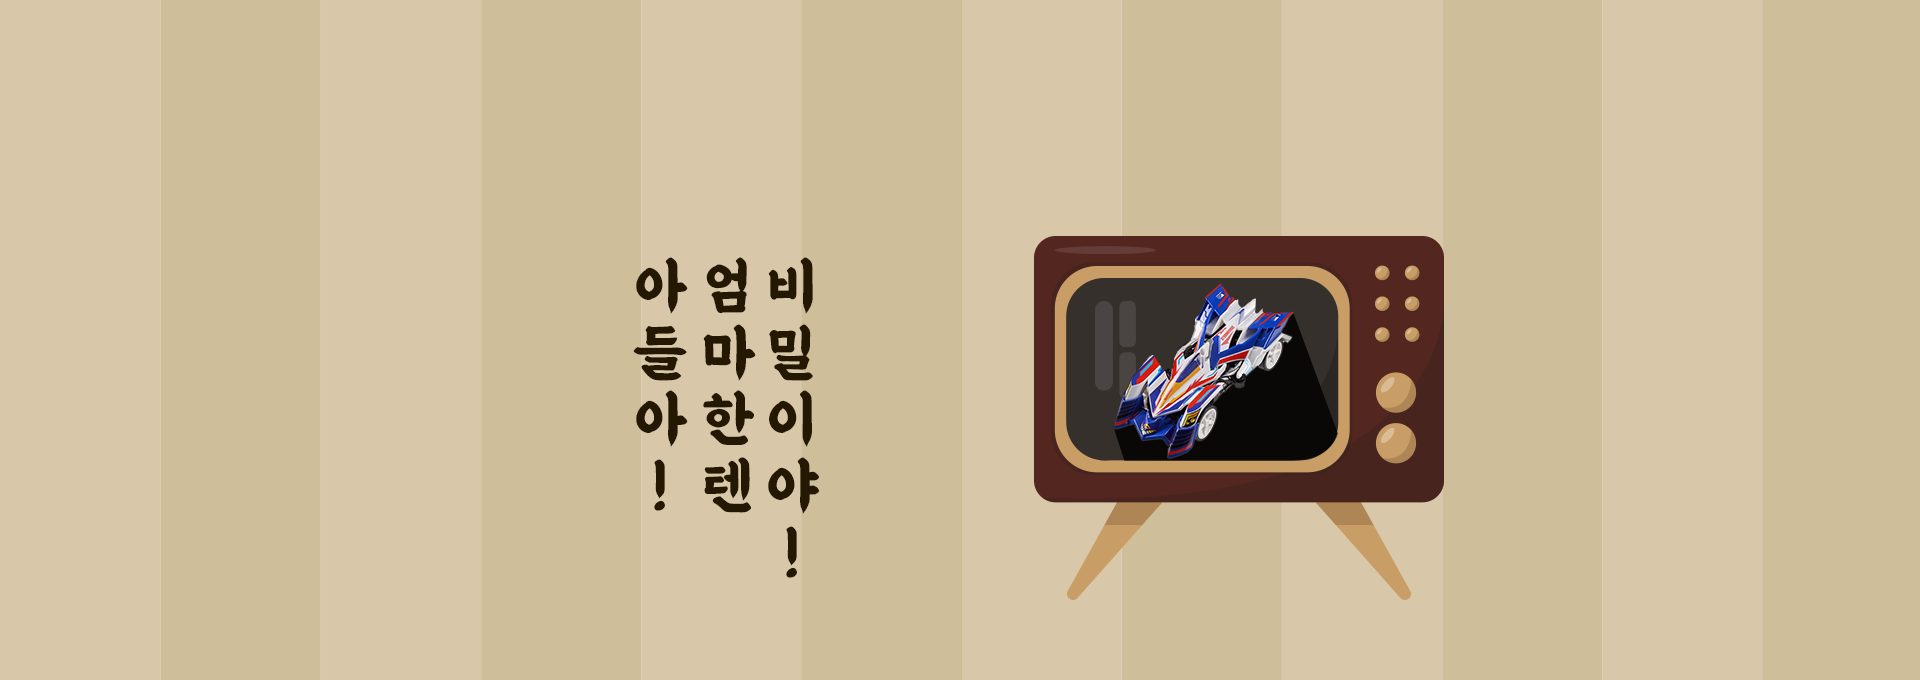 [굿즈]미니카